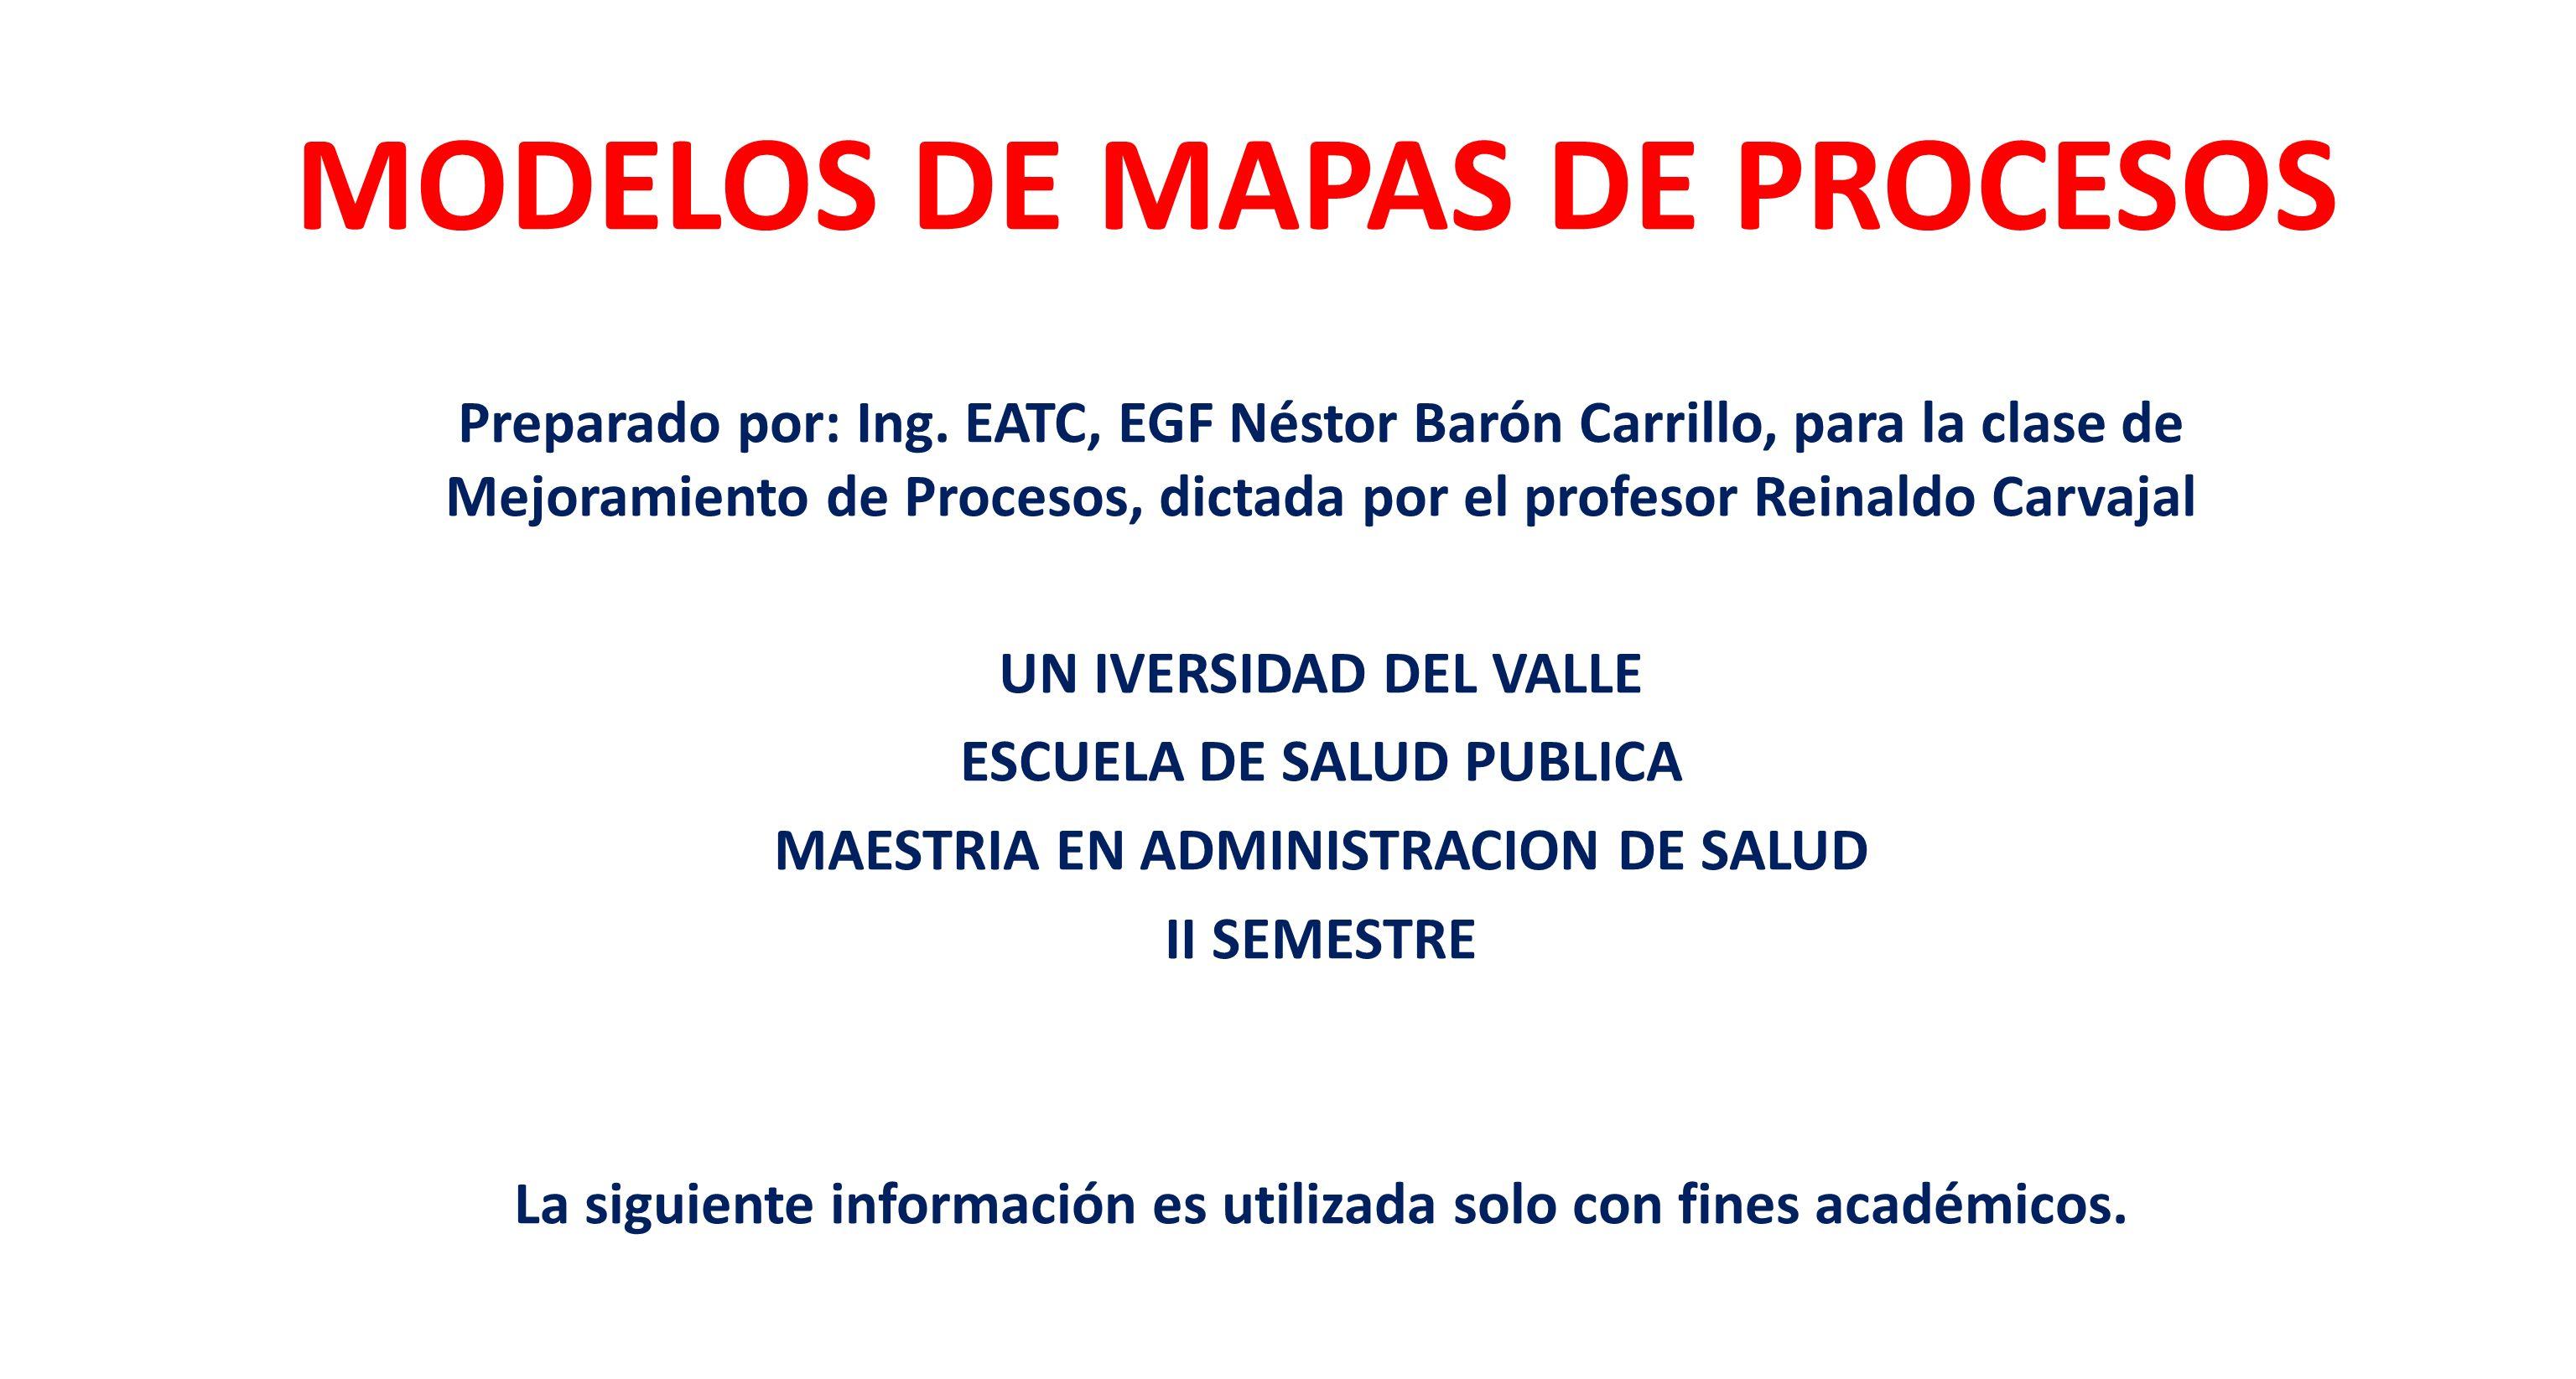 MODELOS DE MAPAS DE PROCESOS Preparado por: Ing. EATC, EGF Néstor Barón Carrillo, para la clase de Mejoramiento de Procesos, dictada por el profesor R